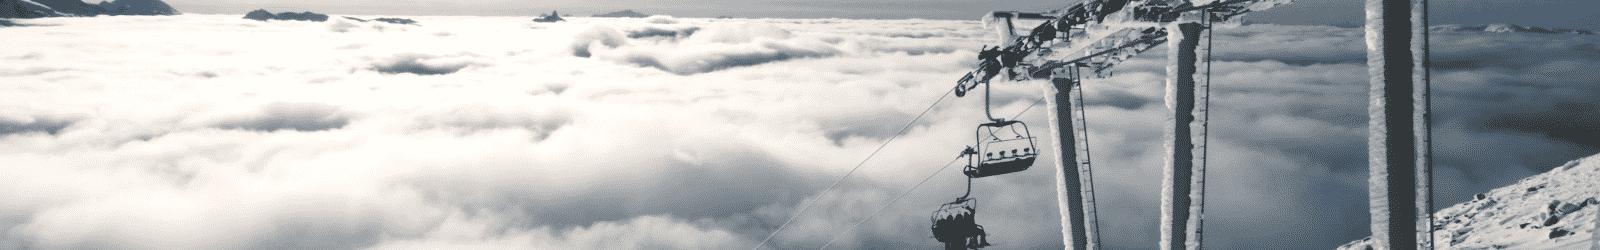 Visez plus haut que les nuages pour votre séjour PVT à Whistler au Canada.